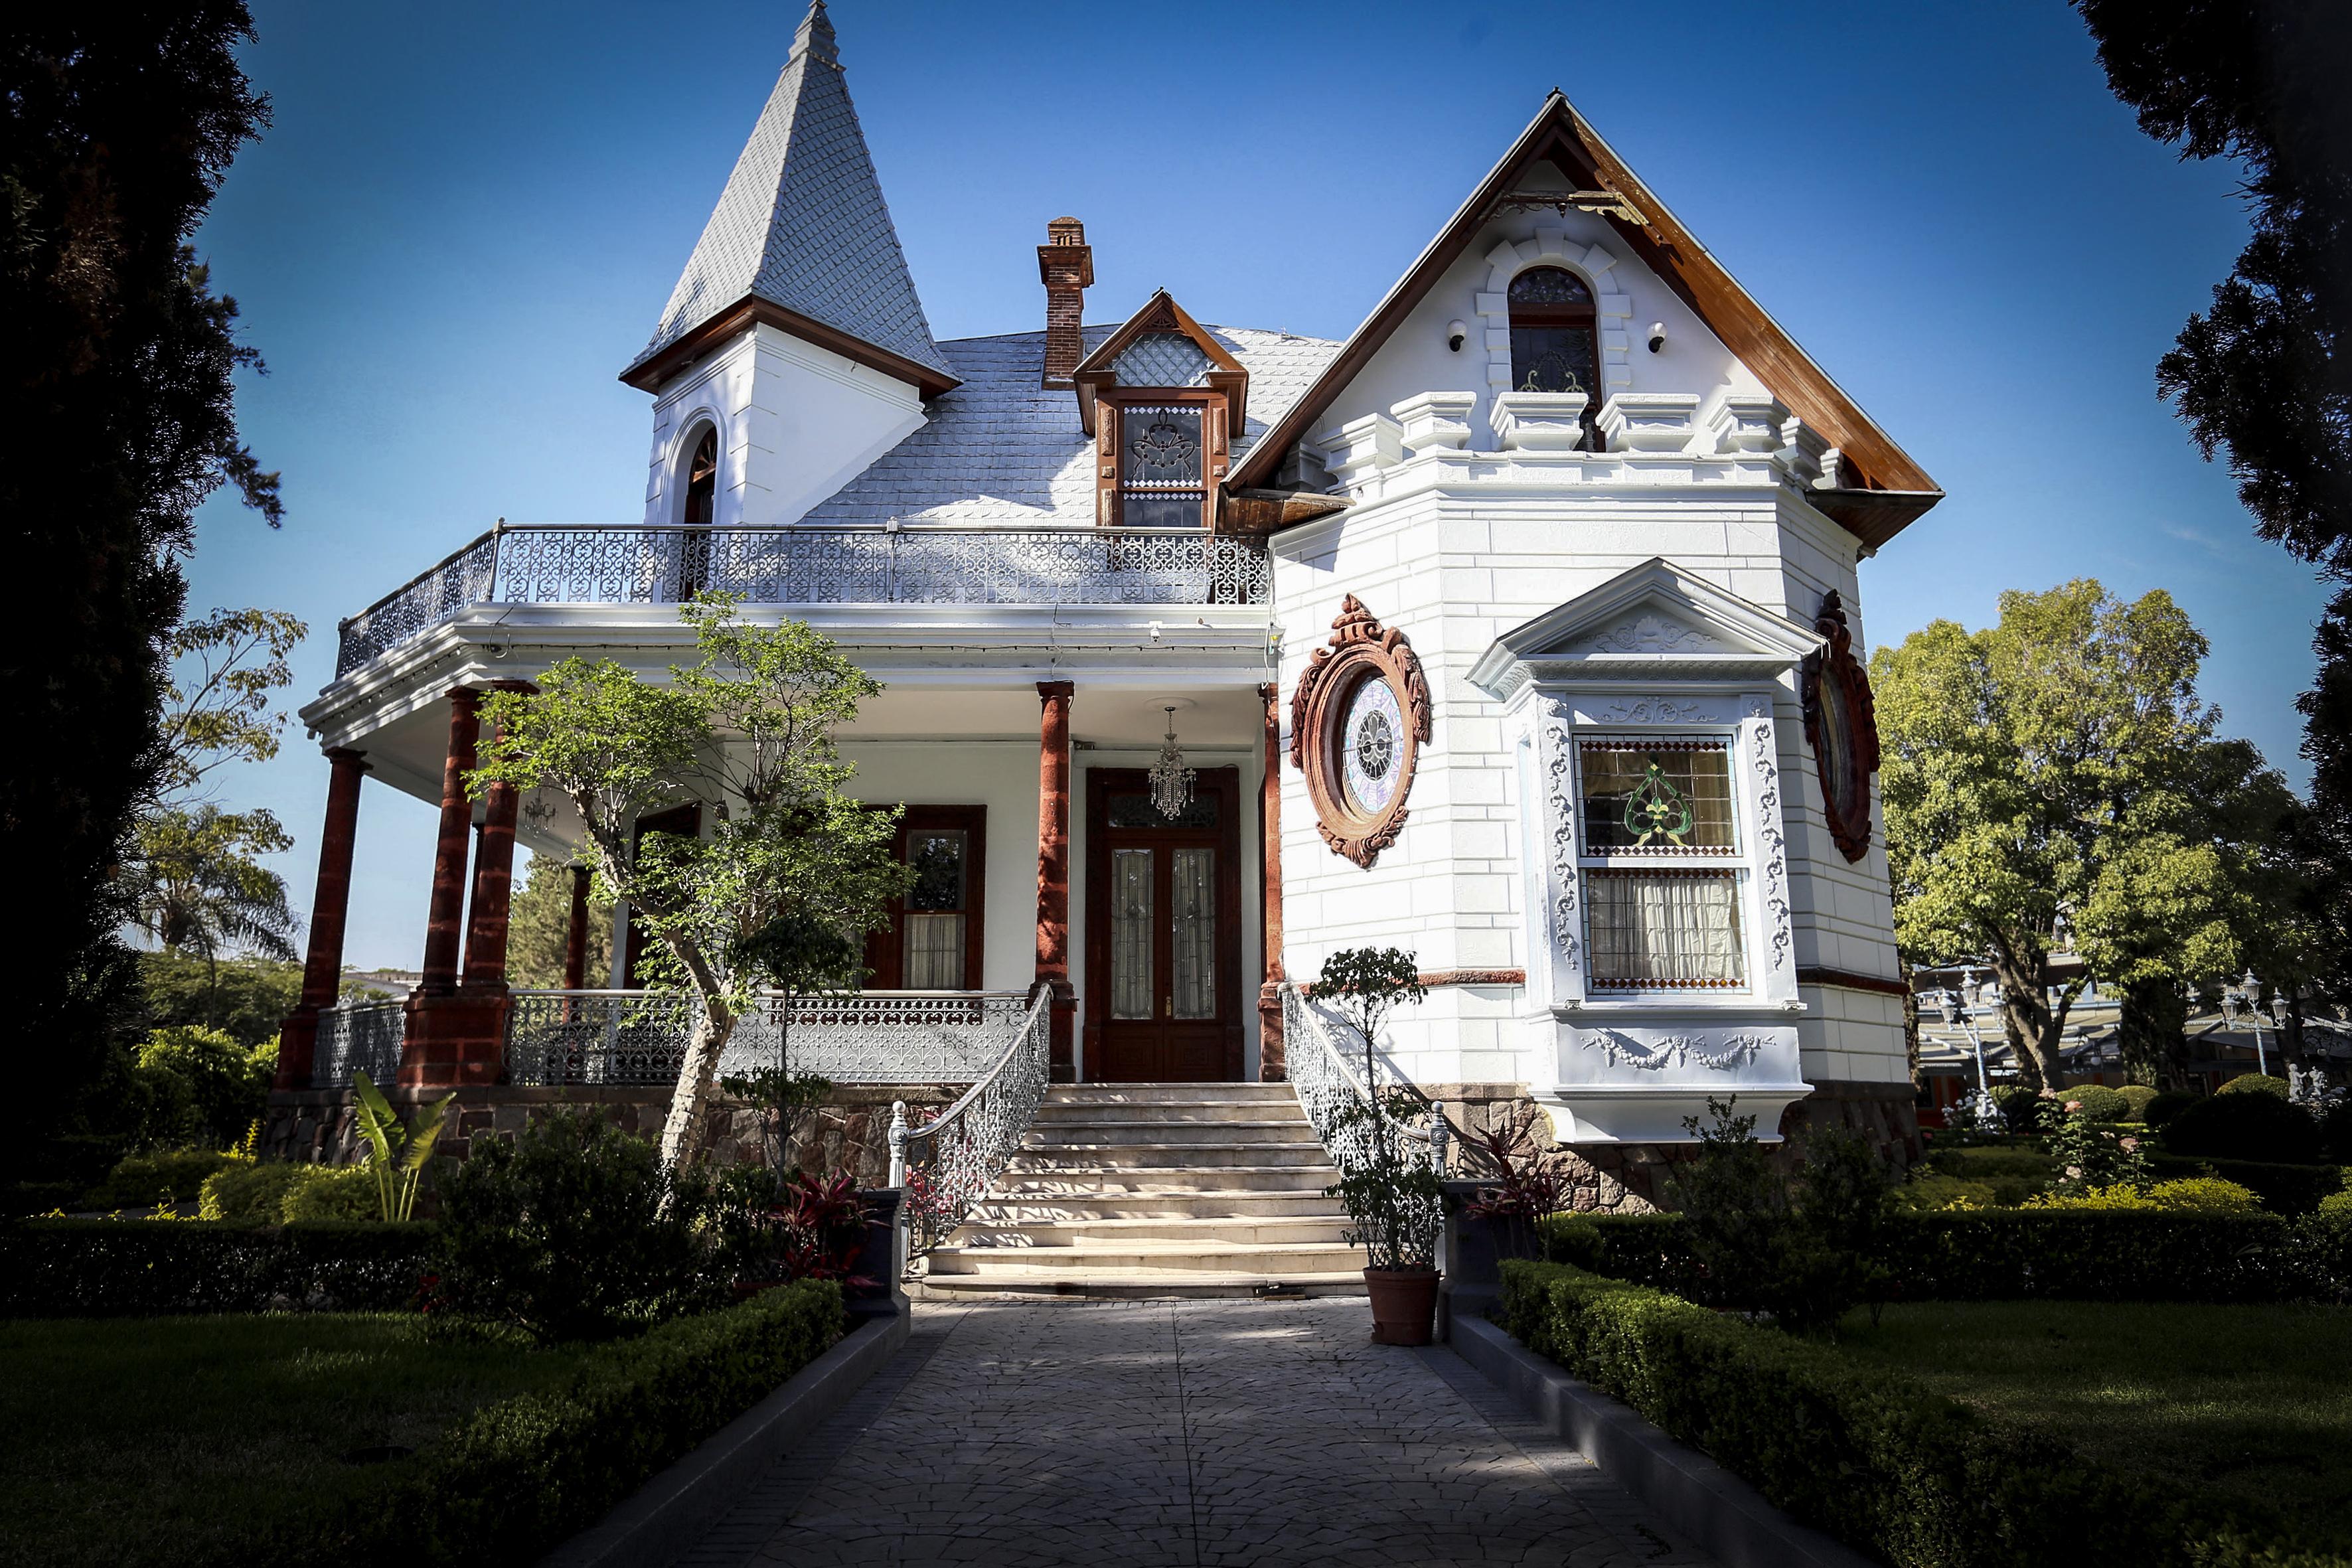 Fachada de la casa del terror